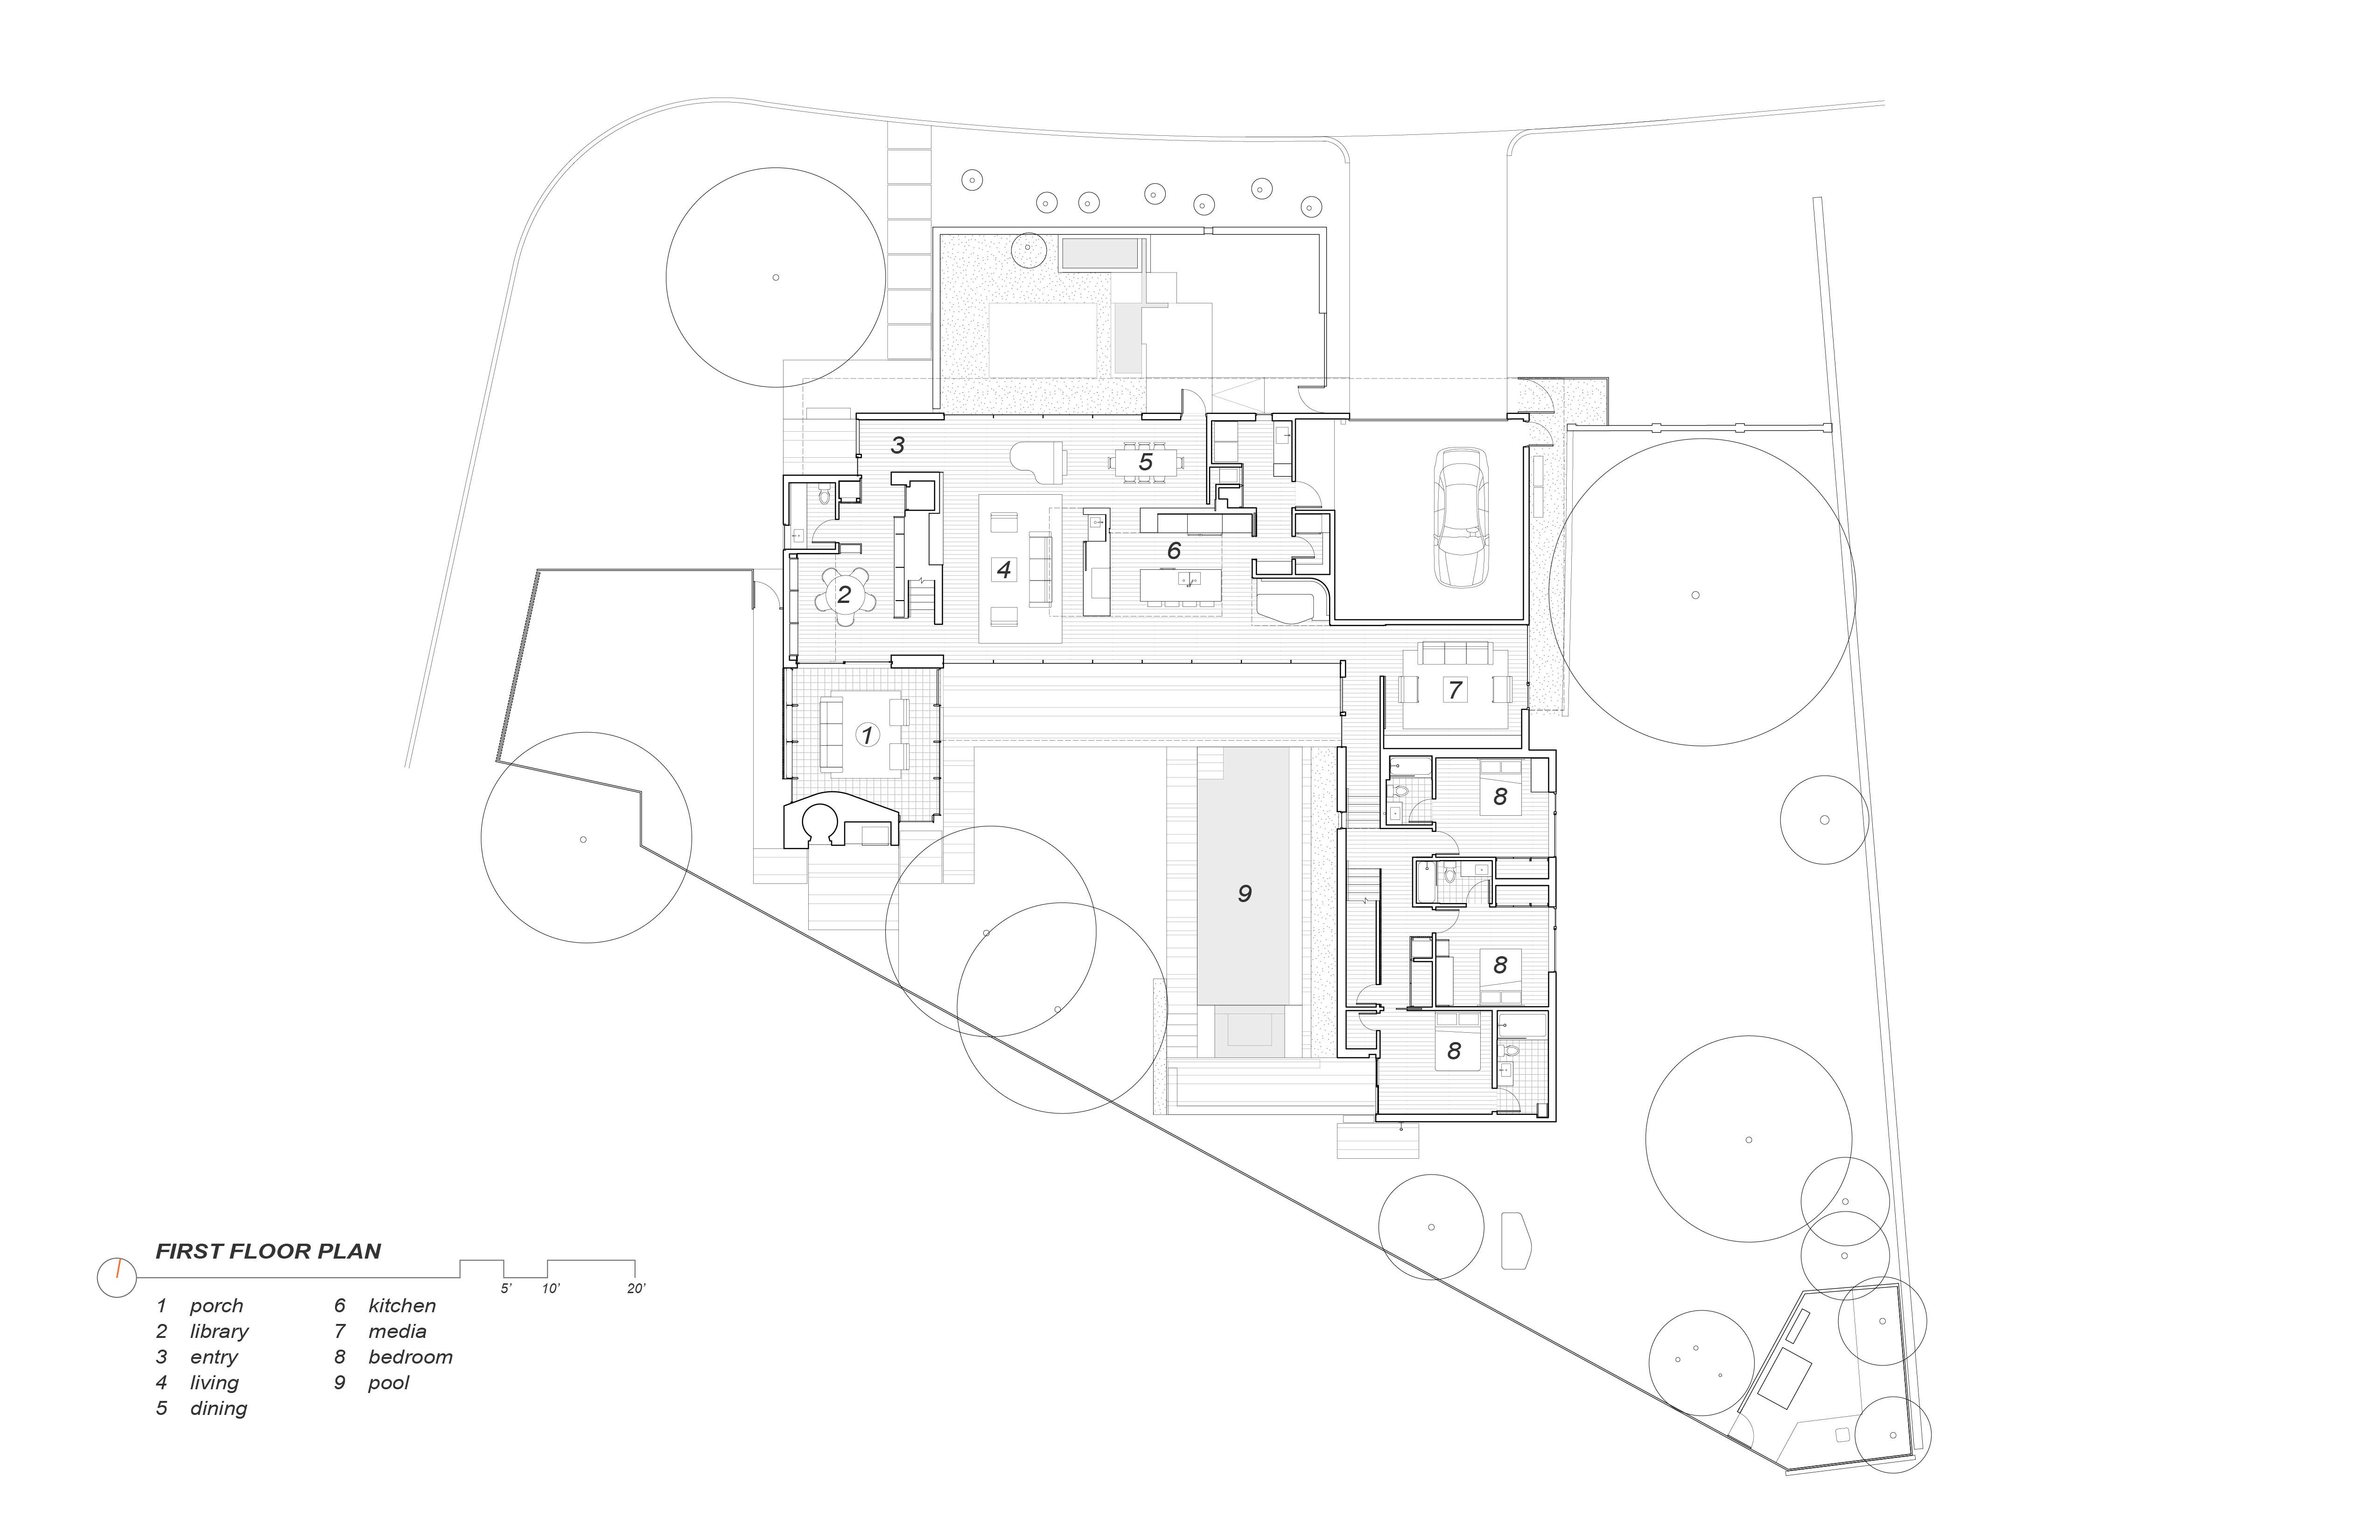 First Floor Plan Alterstudio Architecture}